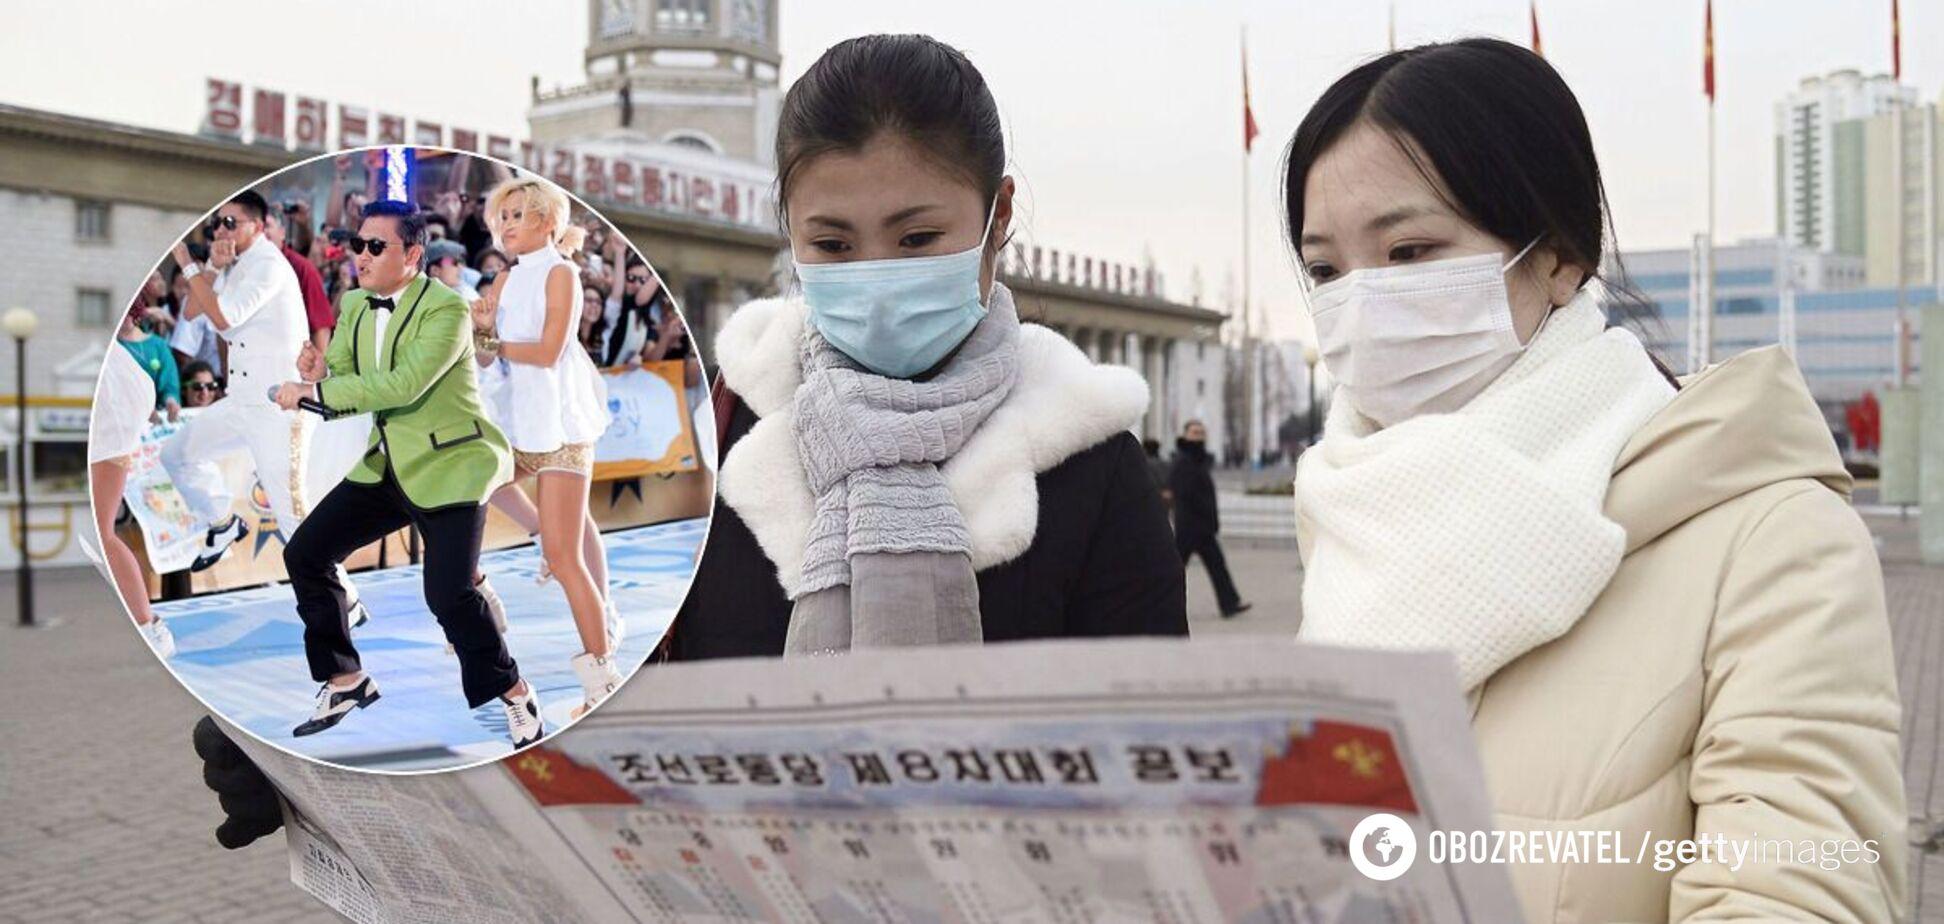 У КНДР за спілкування сленгом із Південної Кореї вирішили саджати за ґрати – ЗМІ